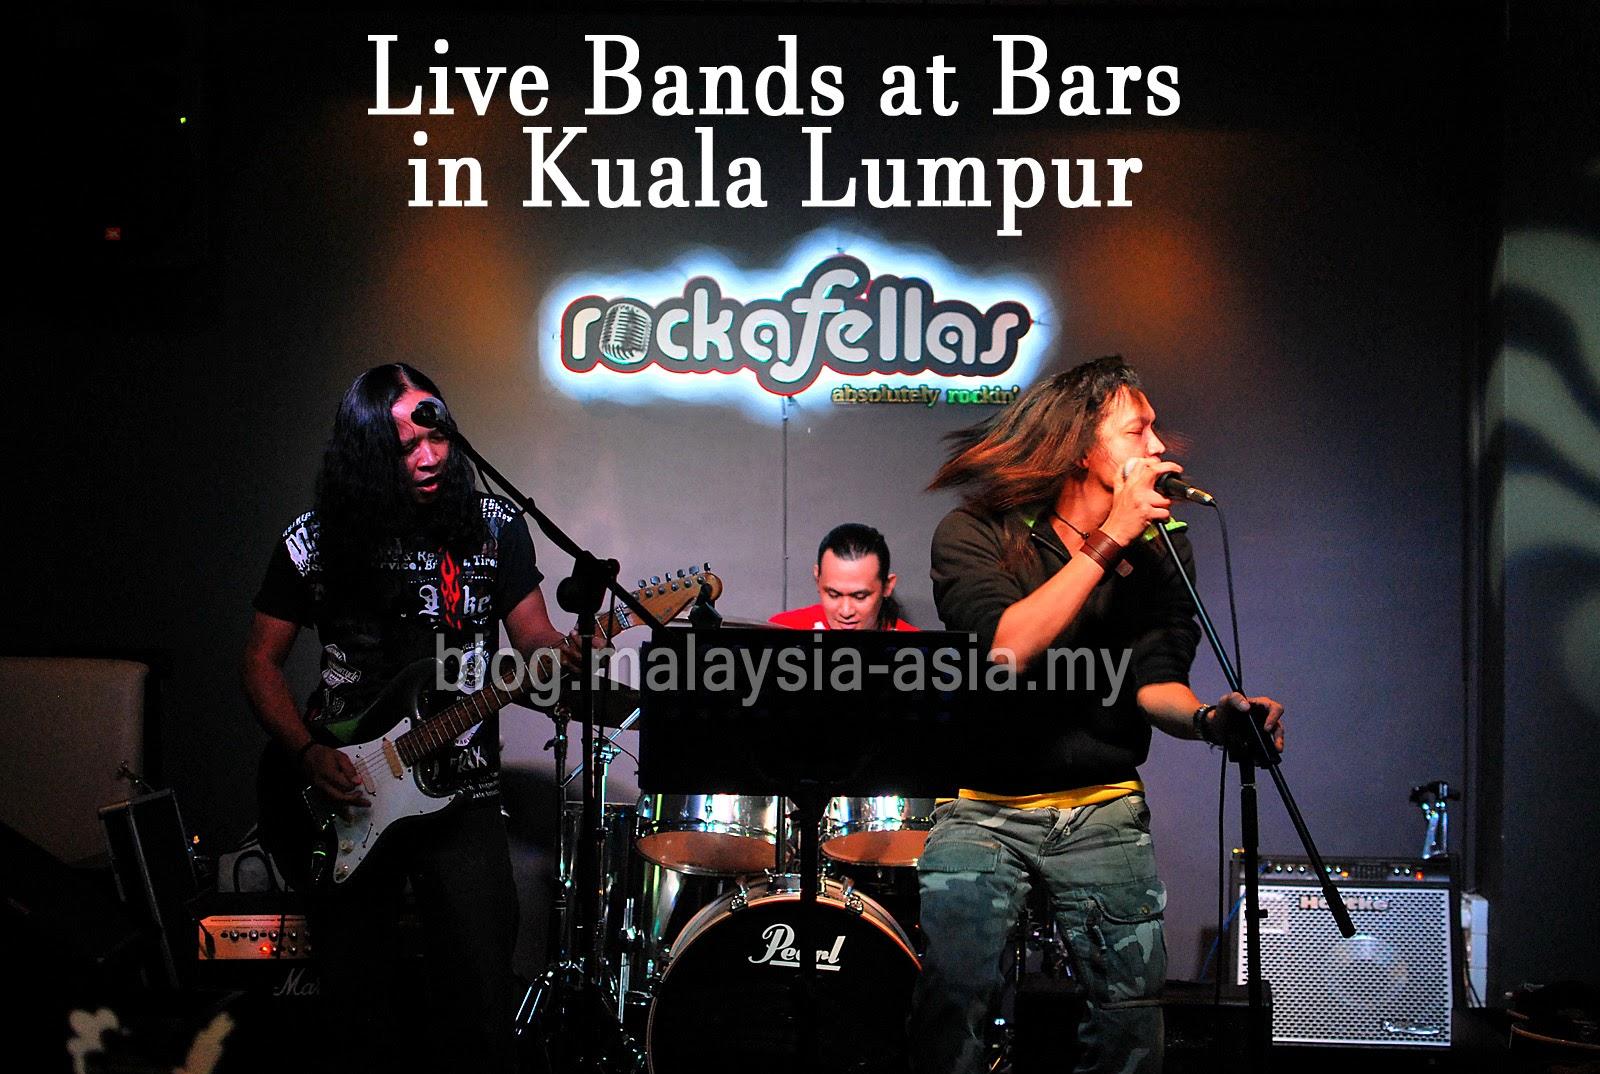 Kuala Lumpur Live Bands at Bars